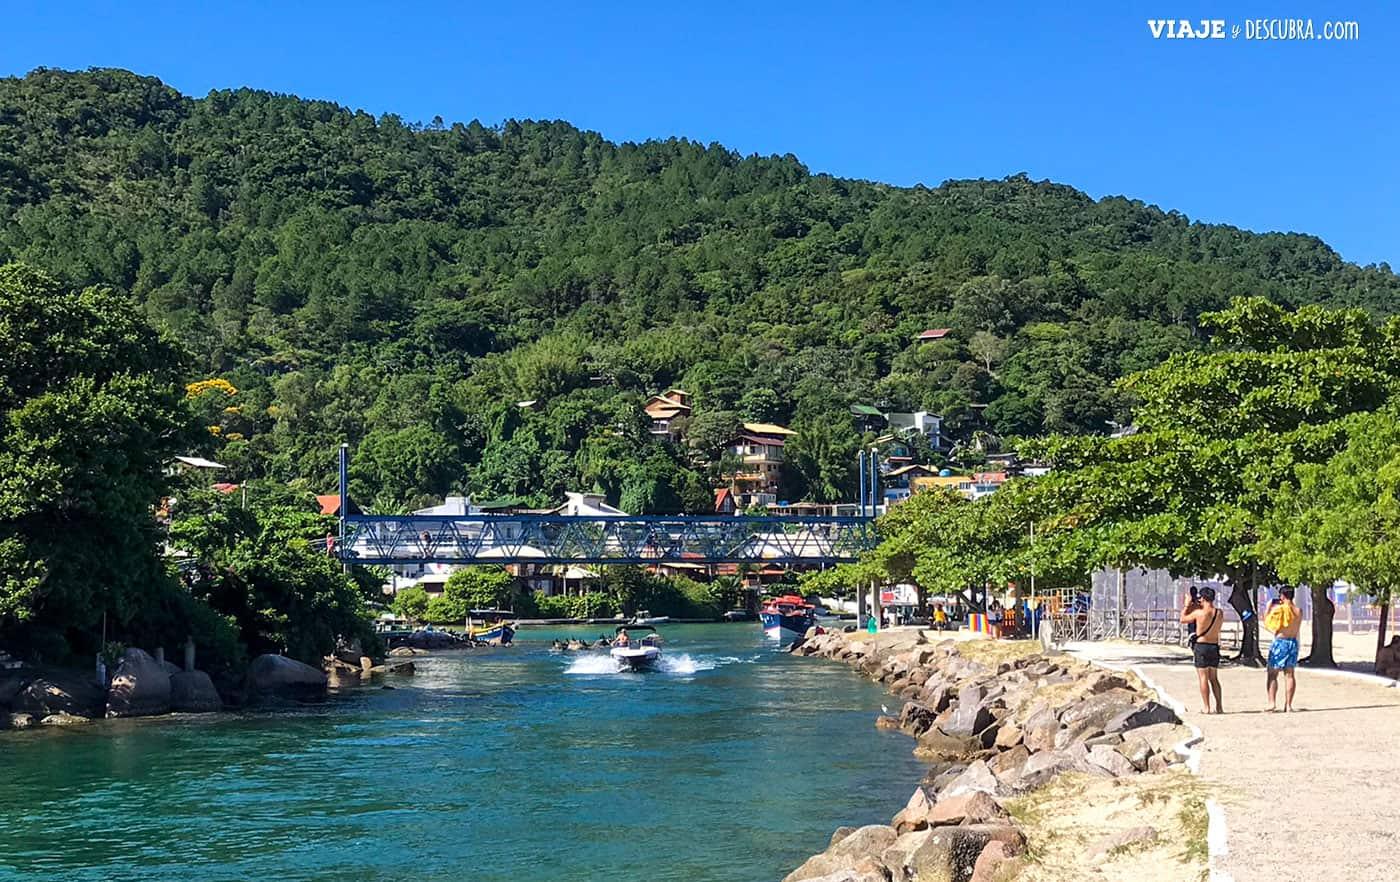 que-hacer-en-florianopolis,-imperdibles,-brasil,-guia-floripa,-barra-da-lagoa,-playas